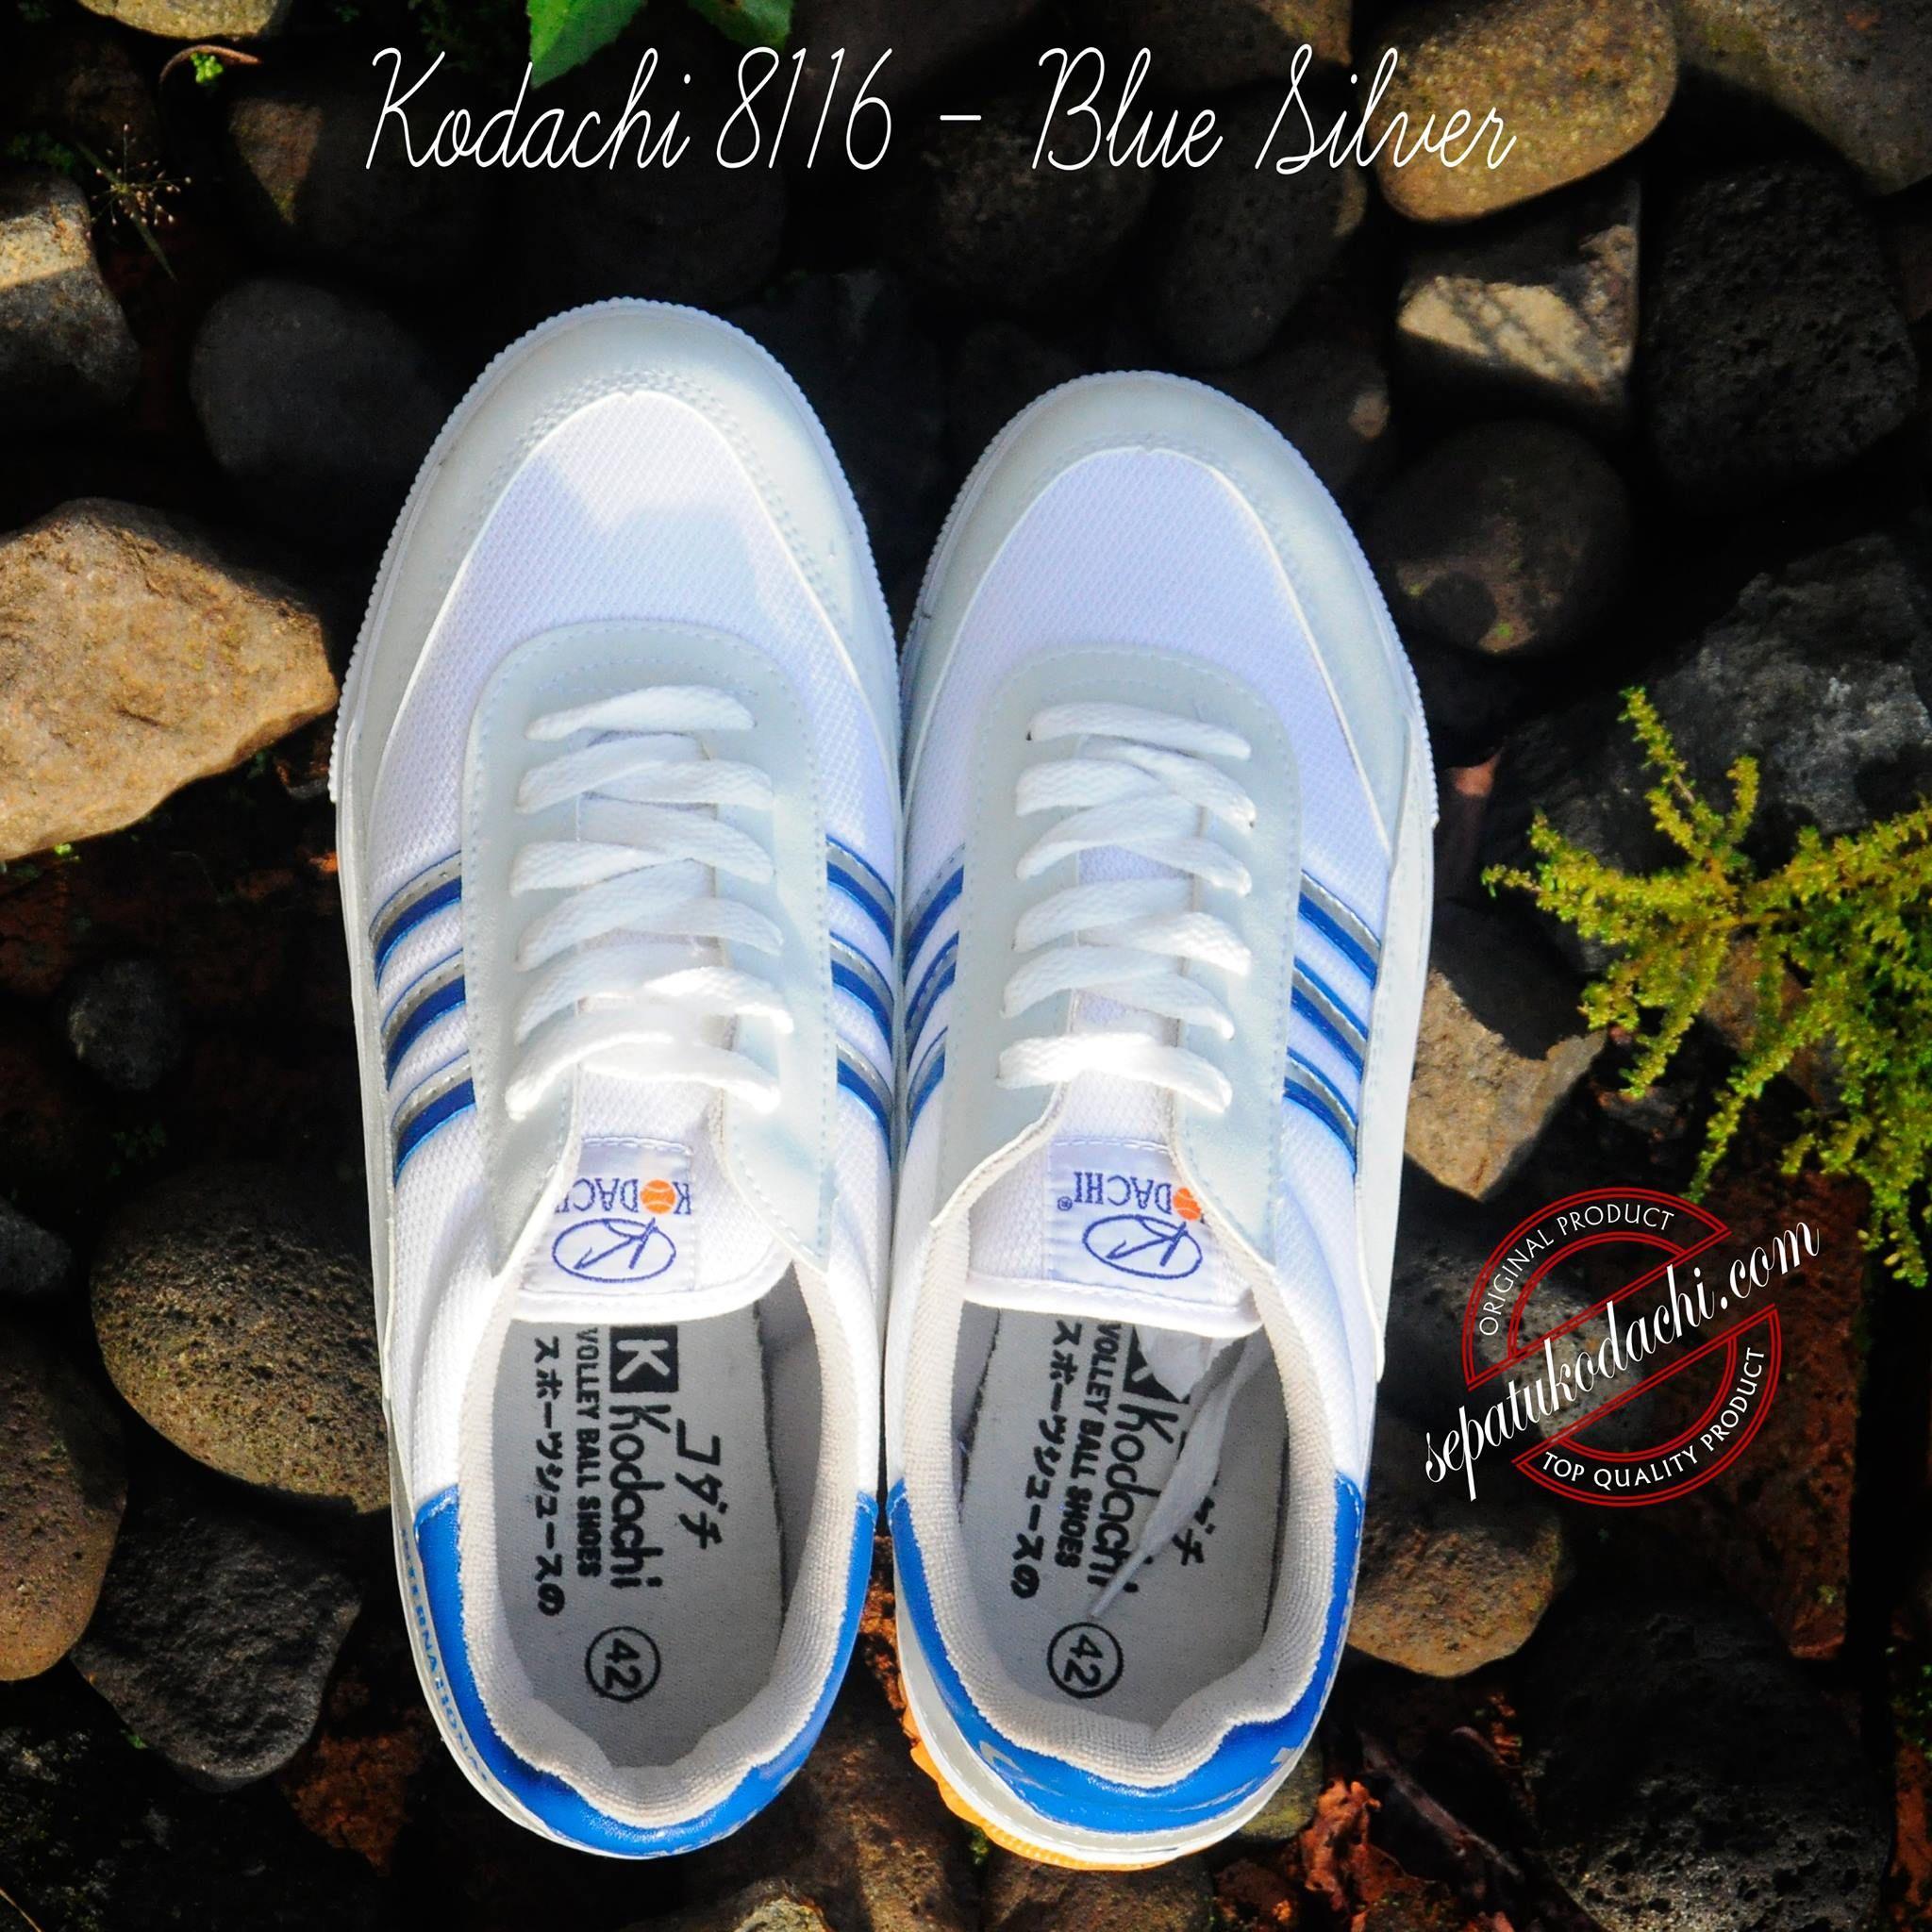 Sepatu Kodachi 8116 Kuning Biru Sepatu Biru Kuning